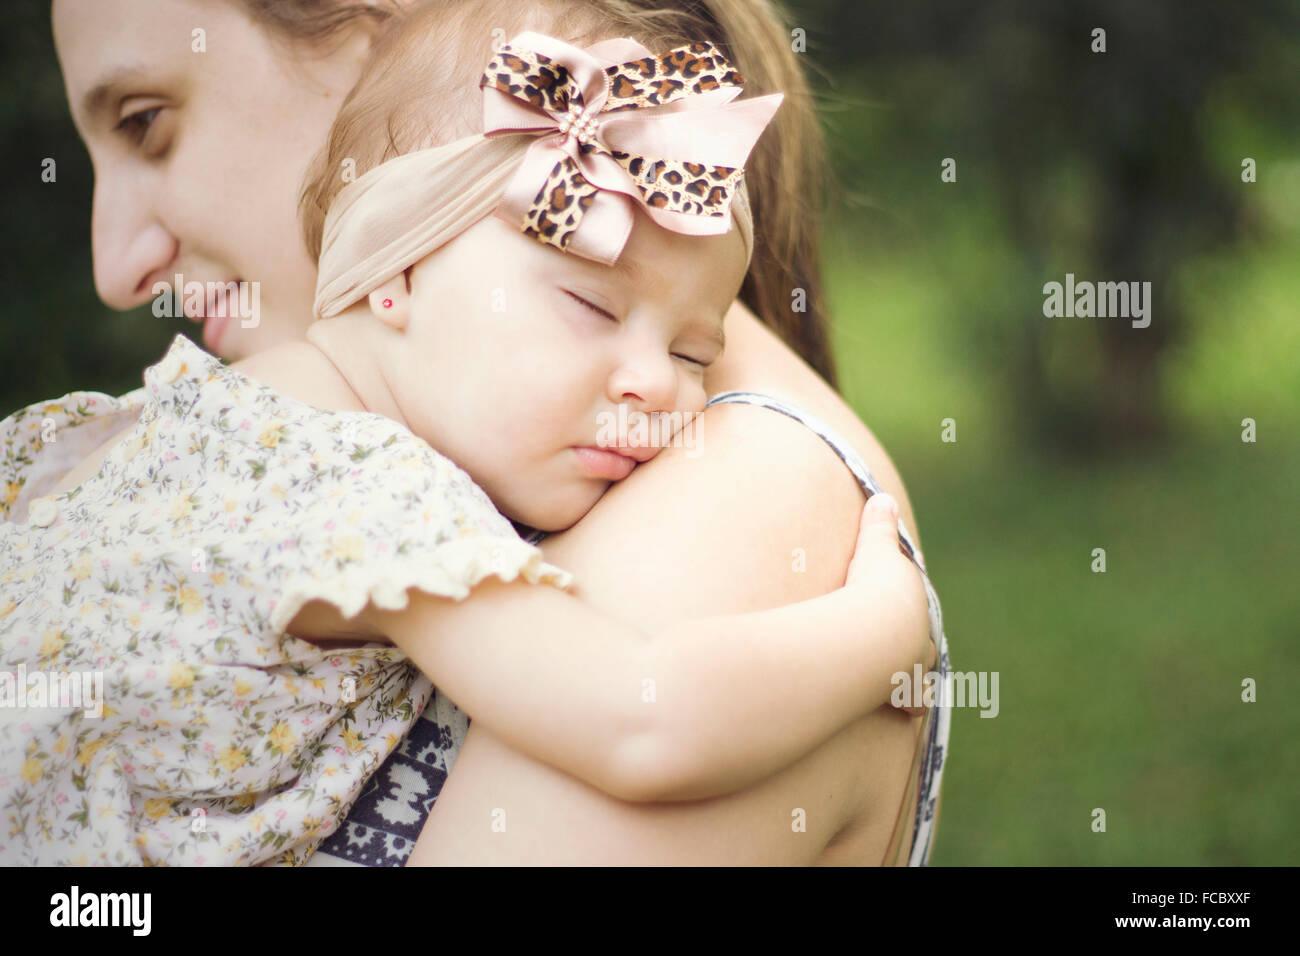 Vista lateral en primer plano de una madre de llevar al bebé al aire libre Imagen De Stock